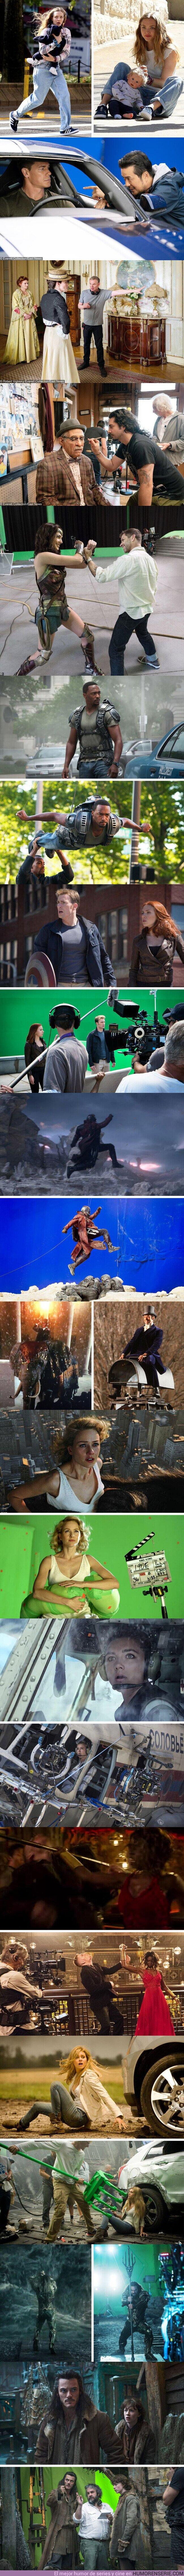 80125 - GALERÍA: 15 Fotos que revelan lo que pasa en el set de rodaje de algunas de las mejores pelis